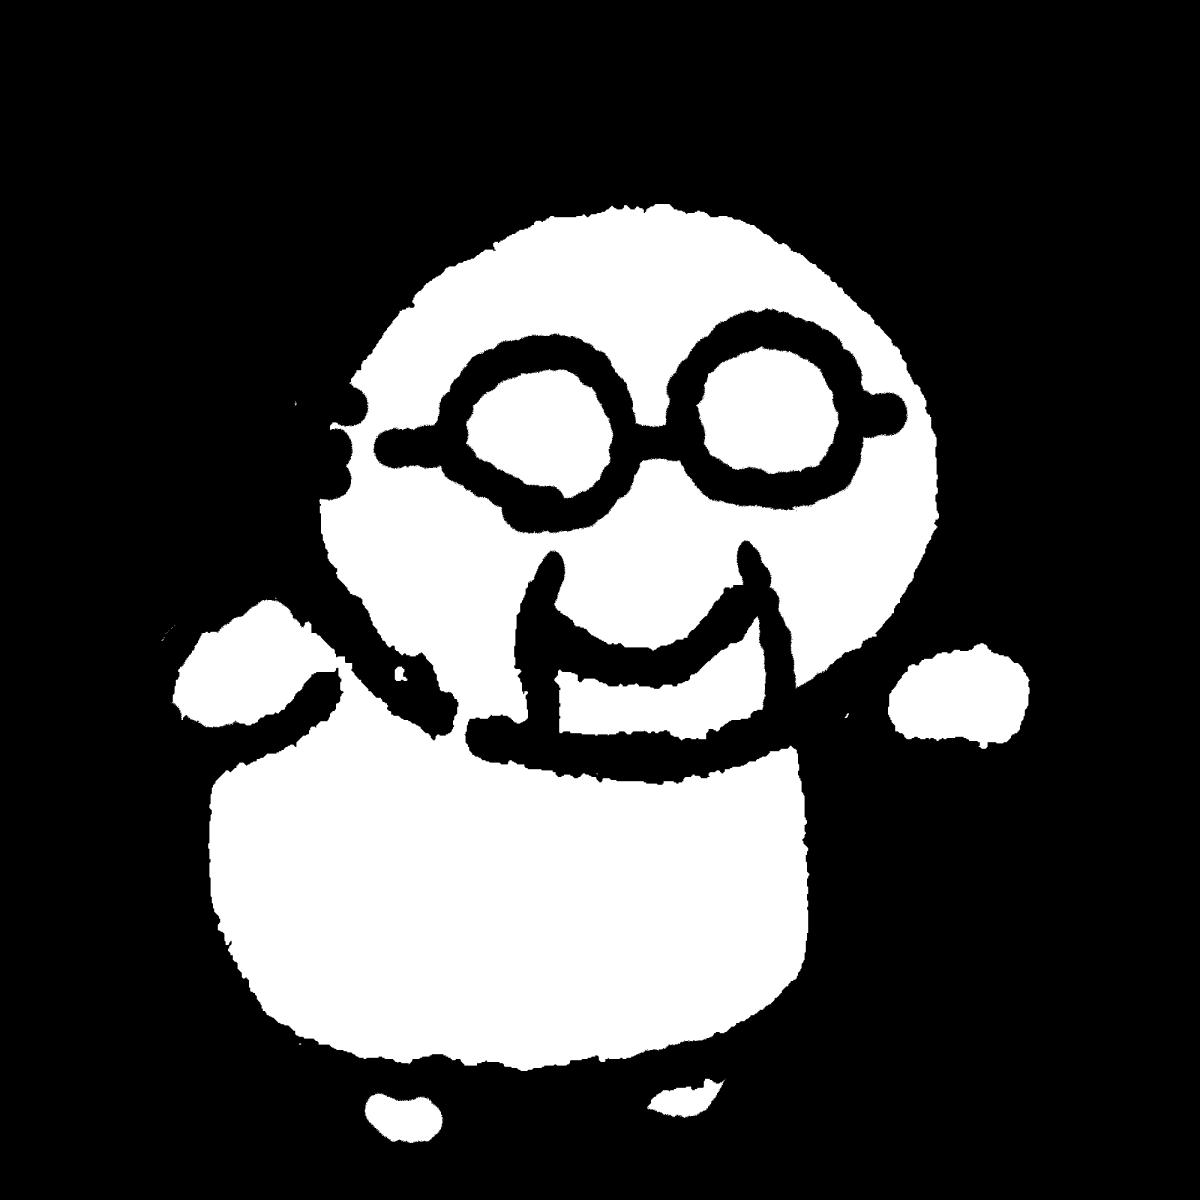 杖のおじいさんのイラスト / Old man with a cane Illustration